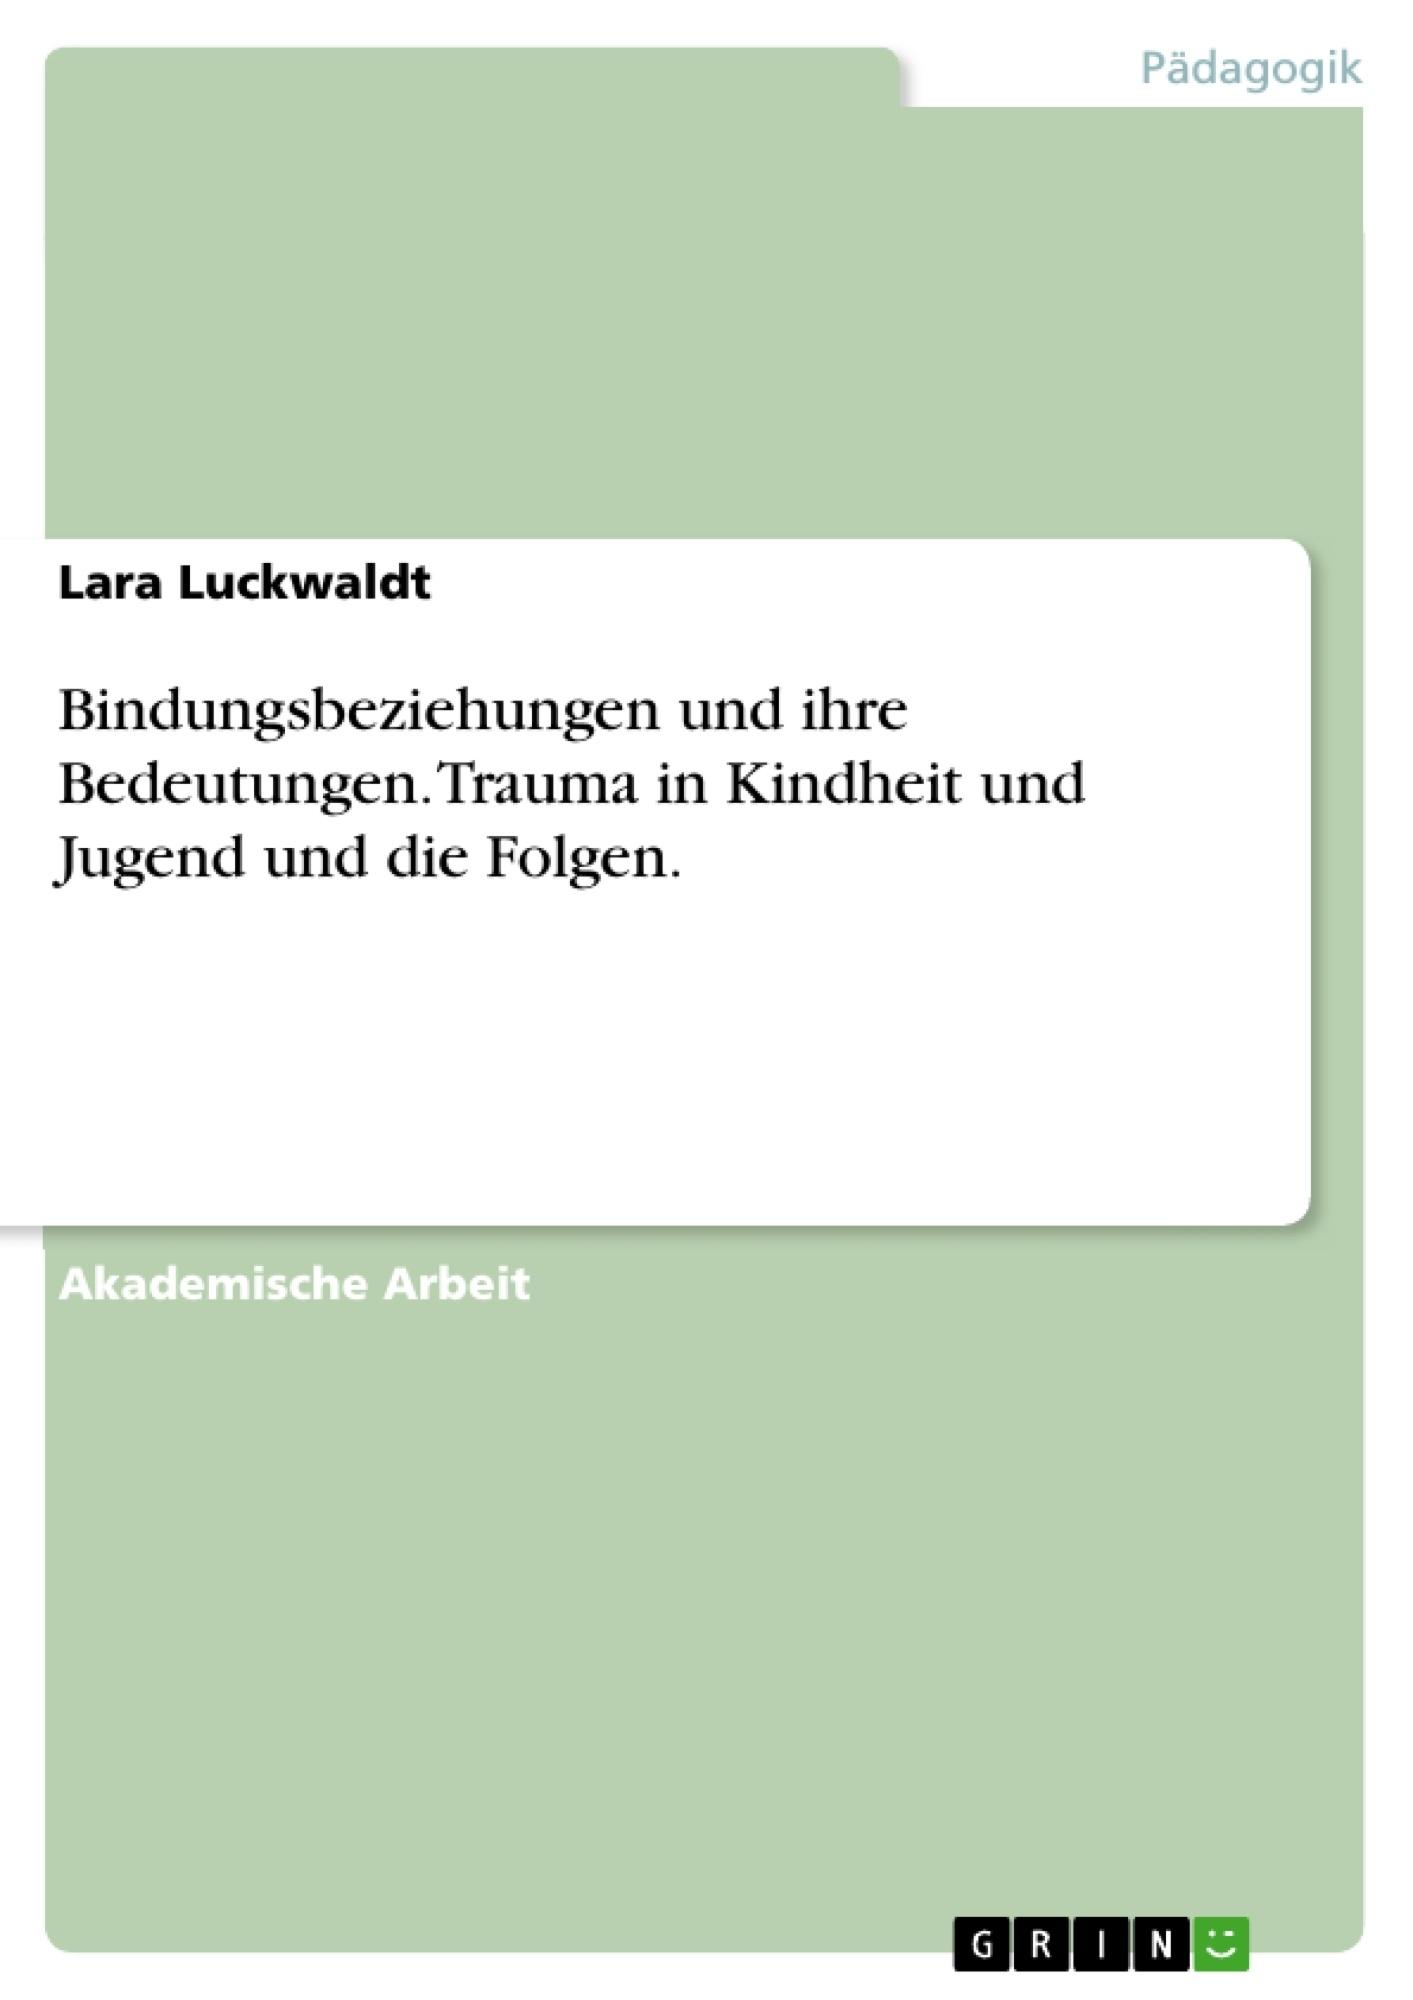 Titel: Bindungsbeziehungen und ihre Bedeutungen. Trauma in Kindheit und Jugend und die Folgen.